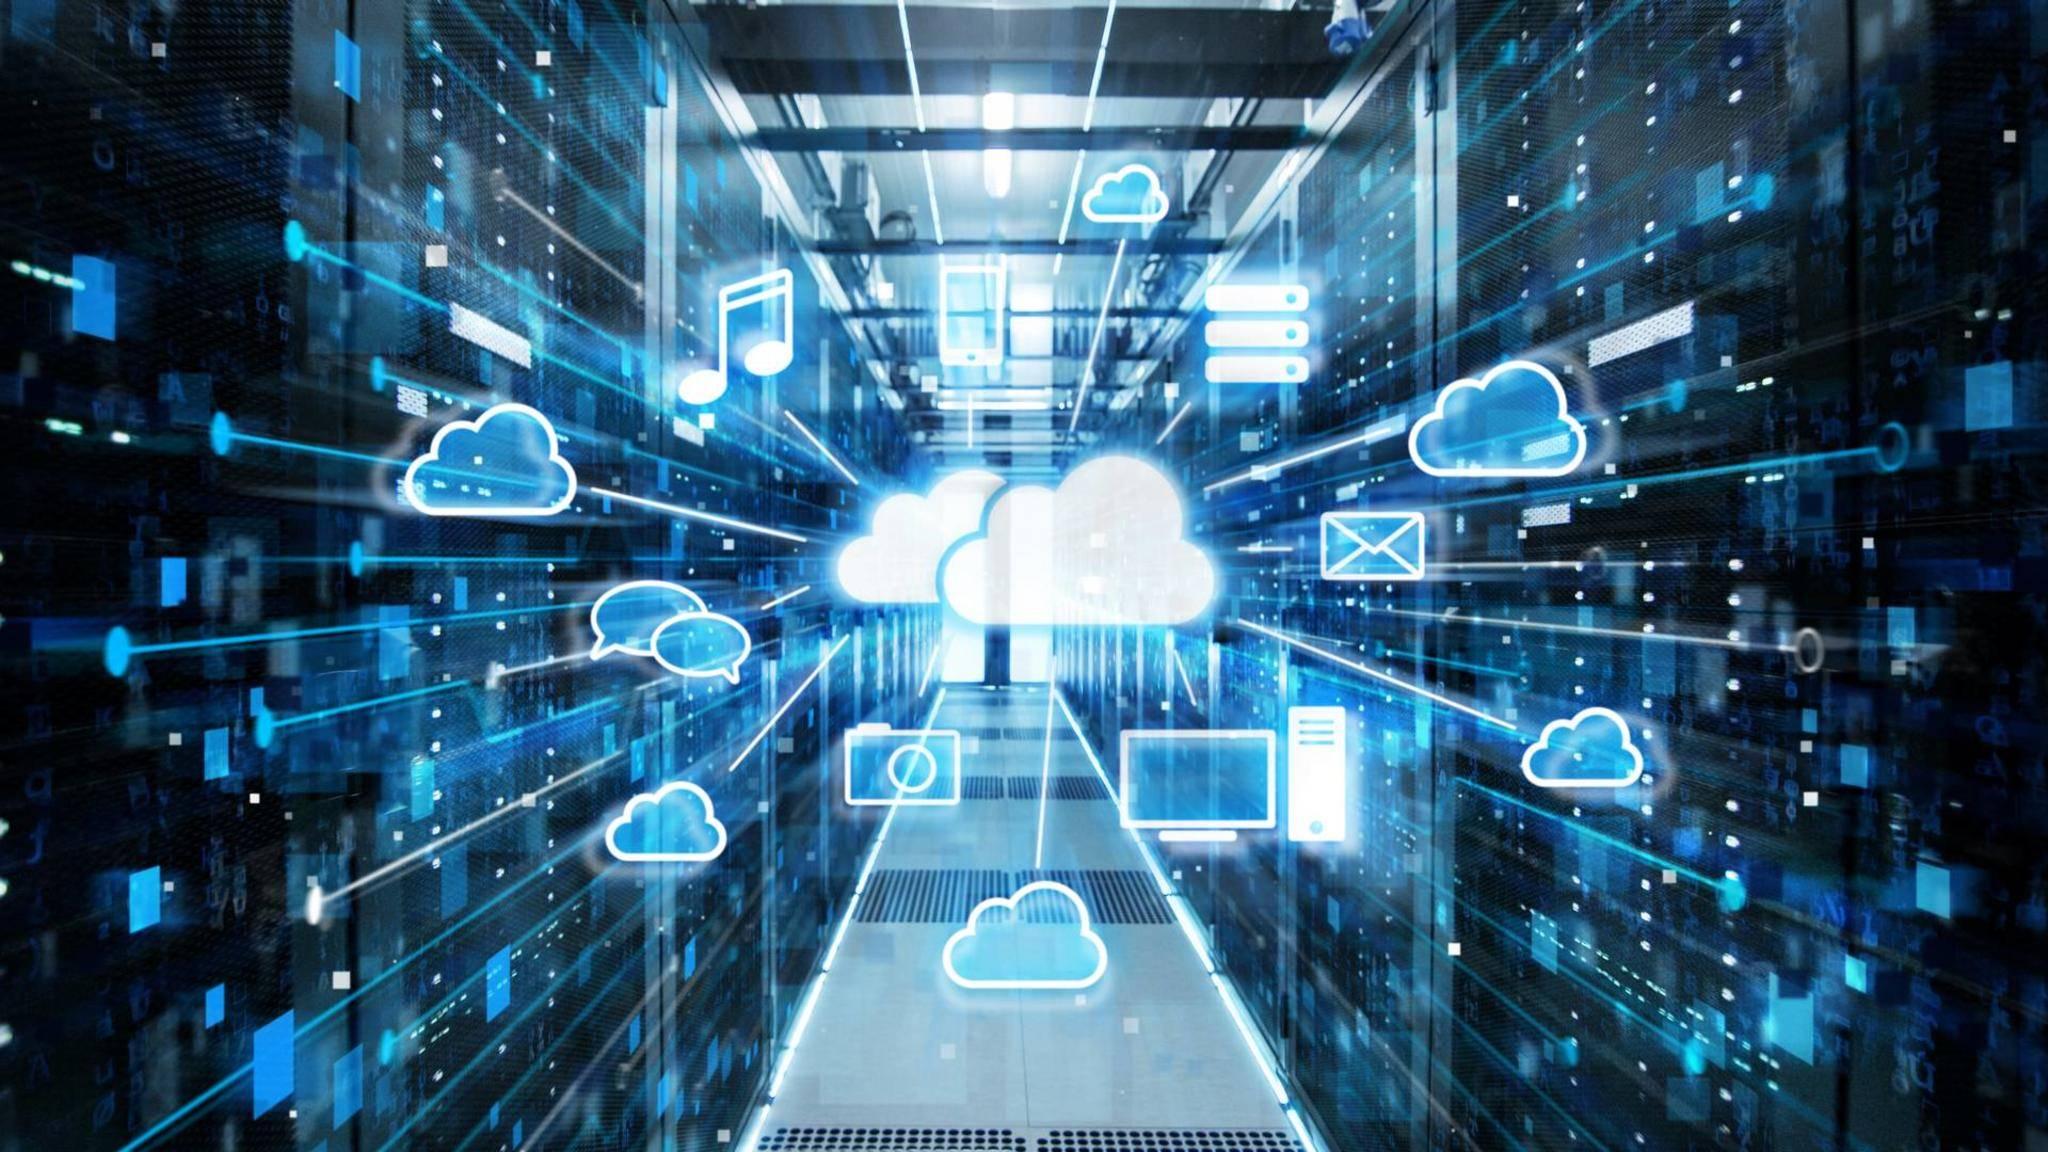 Wer mehr kostenlosen Cloud-Speicher braucht, wird bei diesen Anbietern fündig.